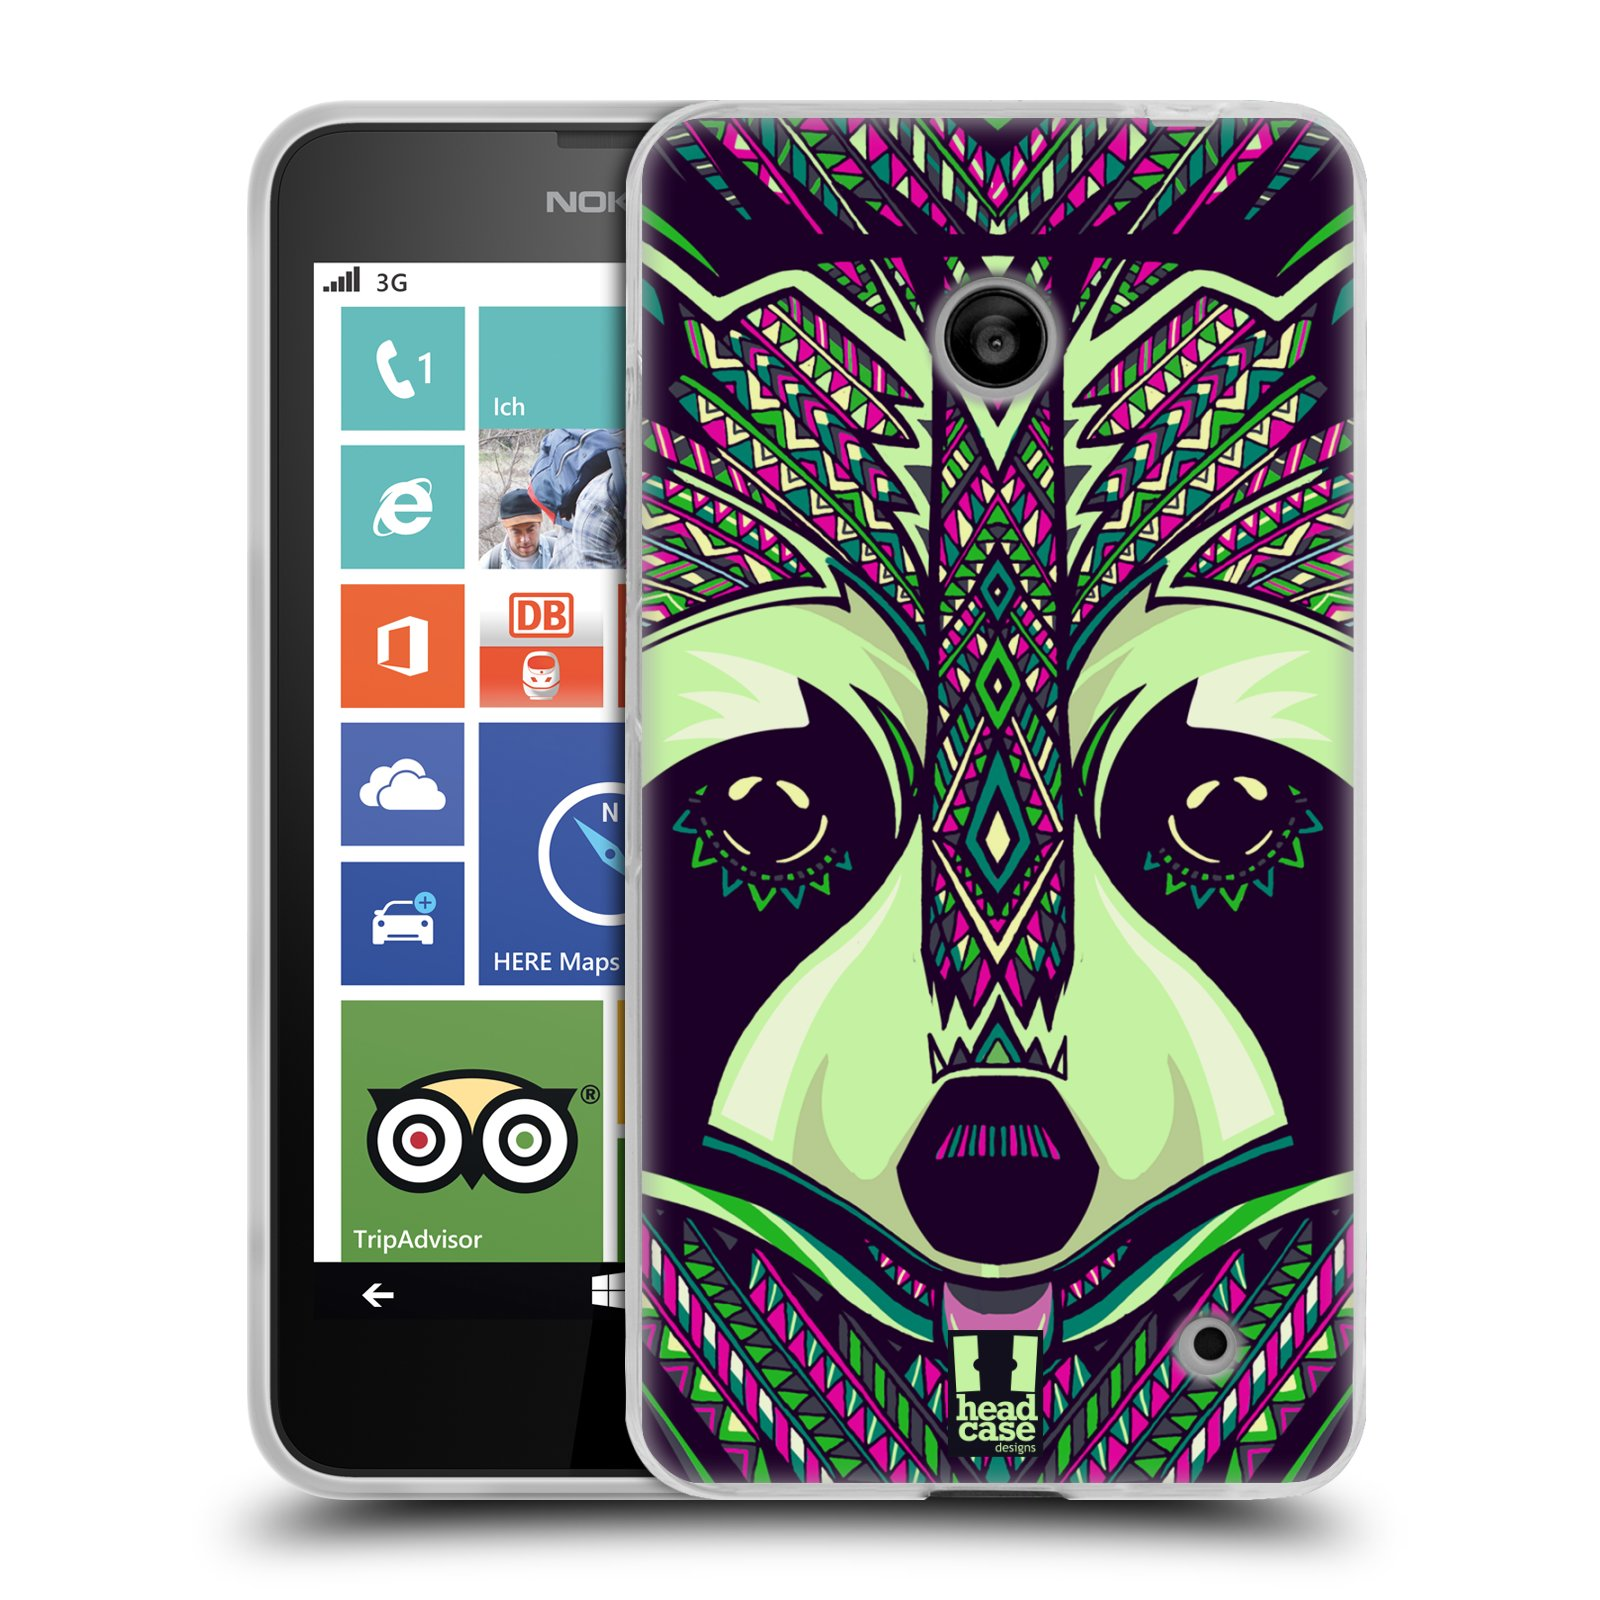 Silikonové pouzdro na mobil Nokia Lumia 630 HEAD CASE AZTEC MÝVAL (Silikonový kryt či obal na mobilní telefon Nokia Lumia 630 a Nokia Lumia 630 Dual SIM)